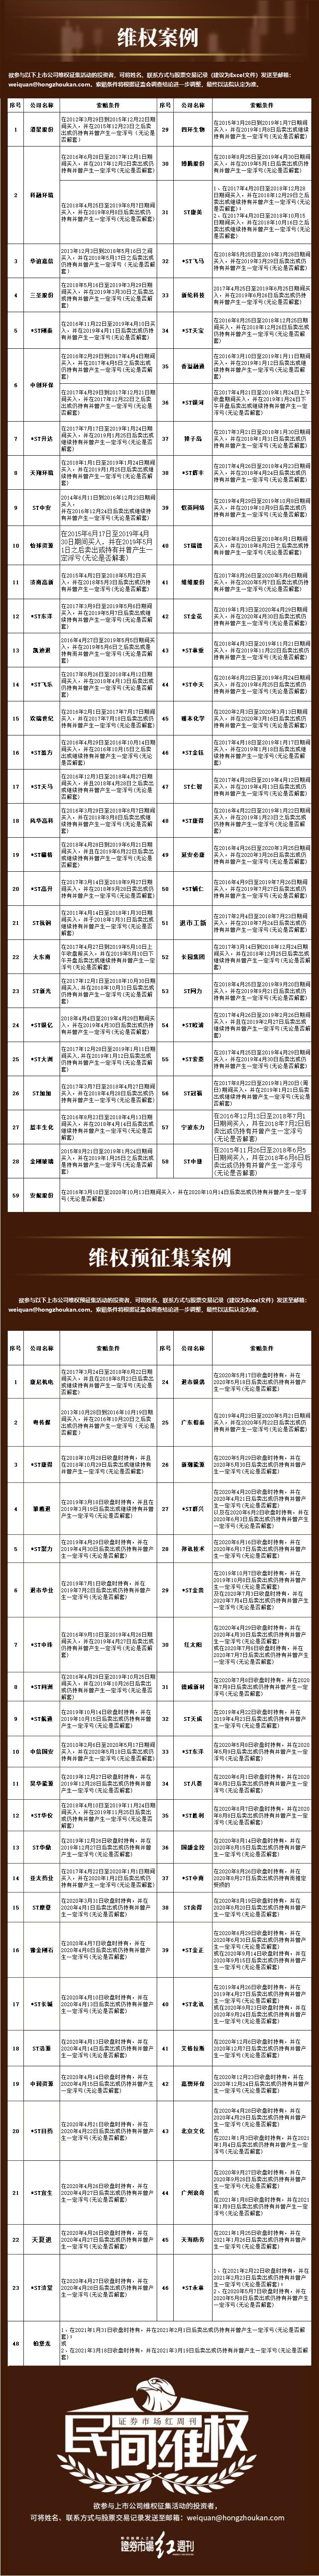 民间维权 | 新纶科技说明股票异常波动相关情况